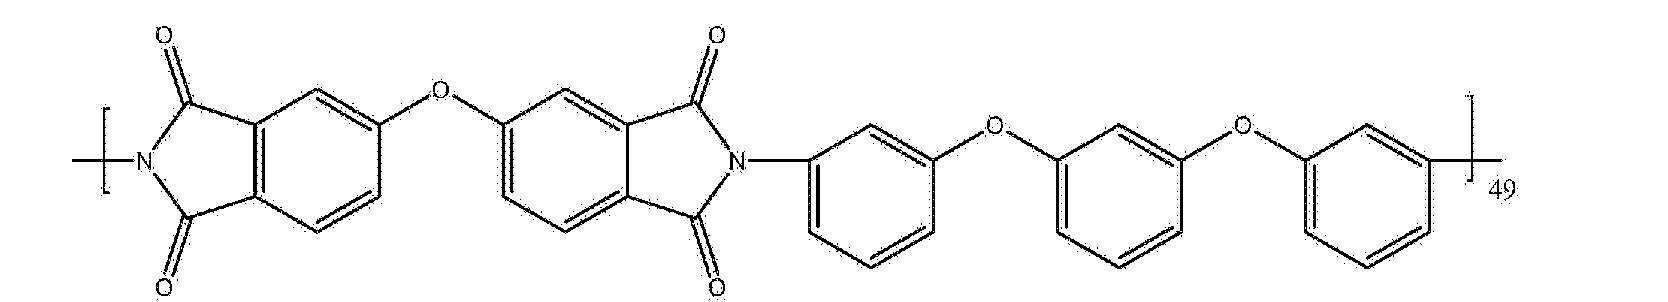 Figure CN104829837BD00161